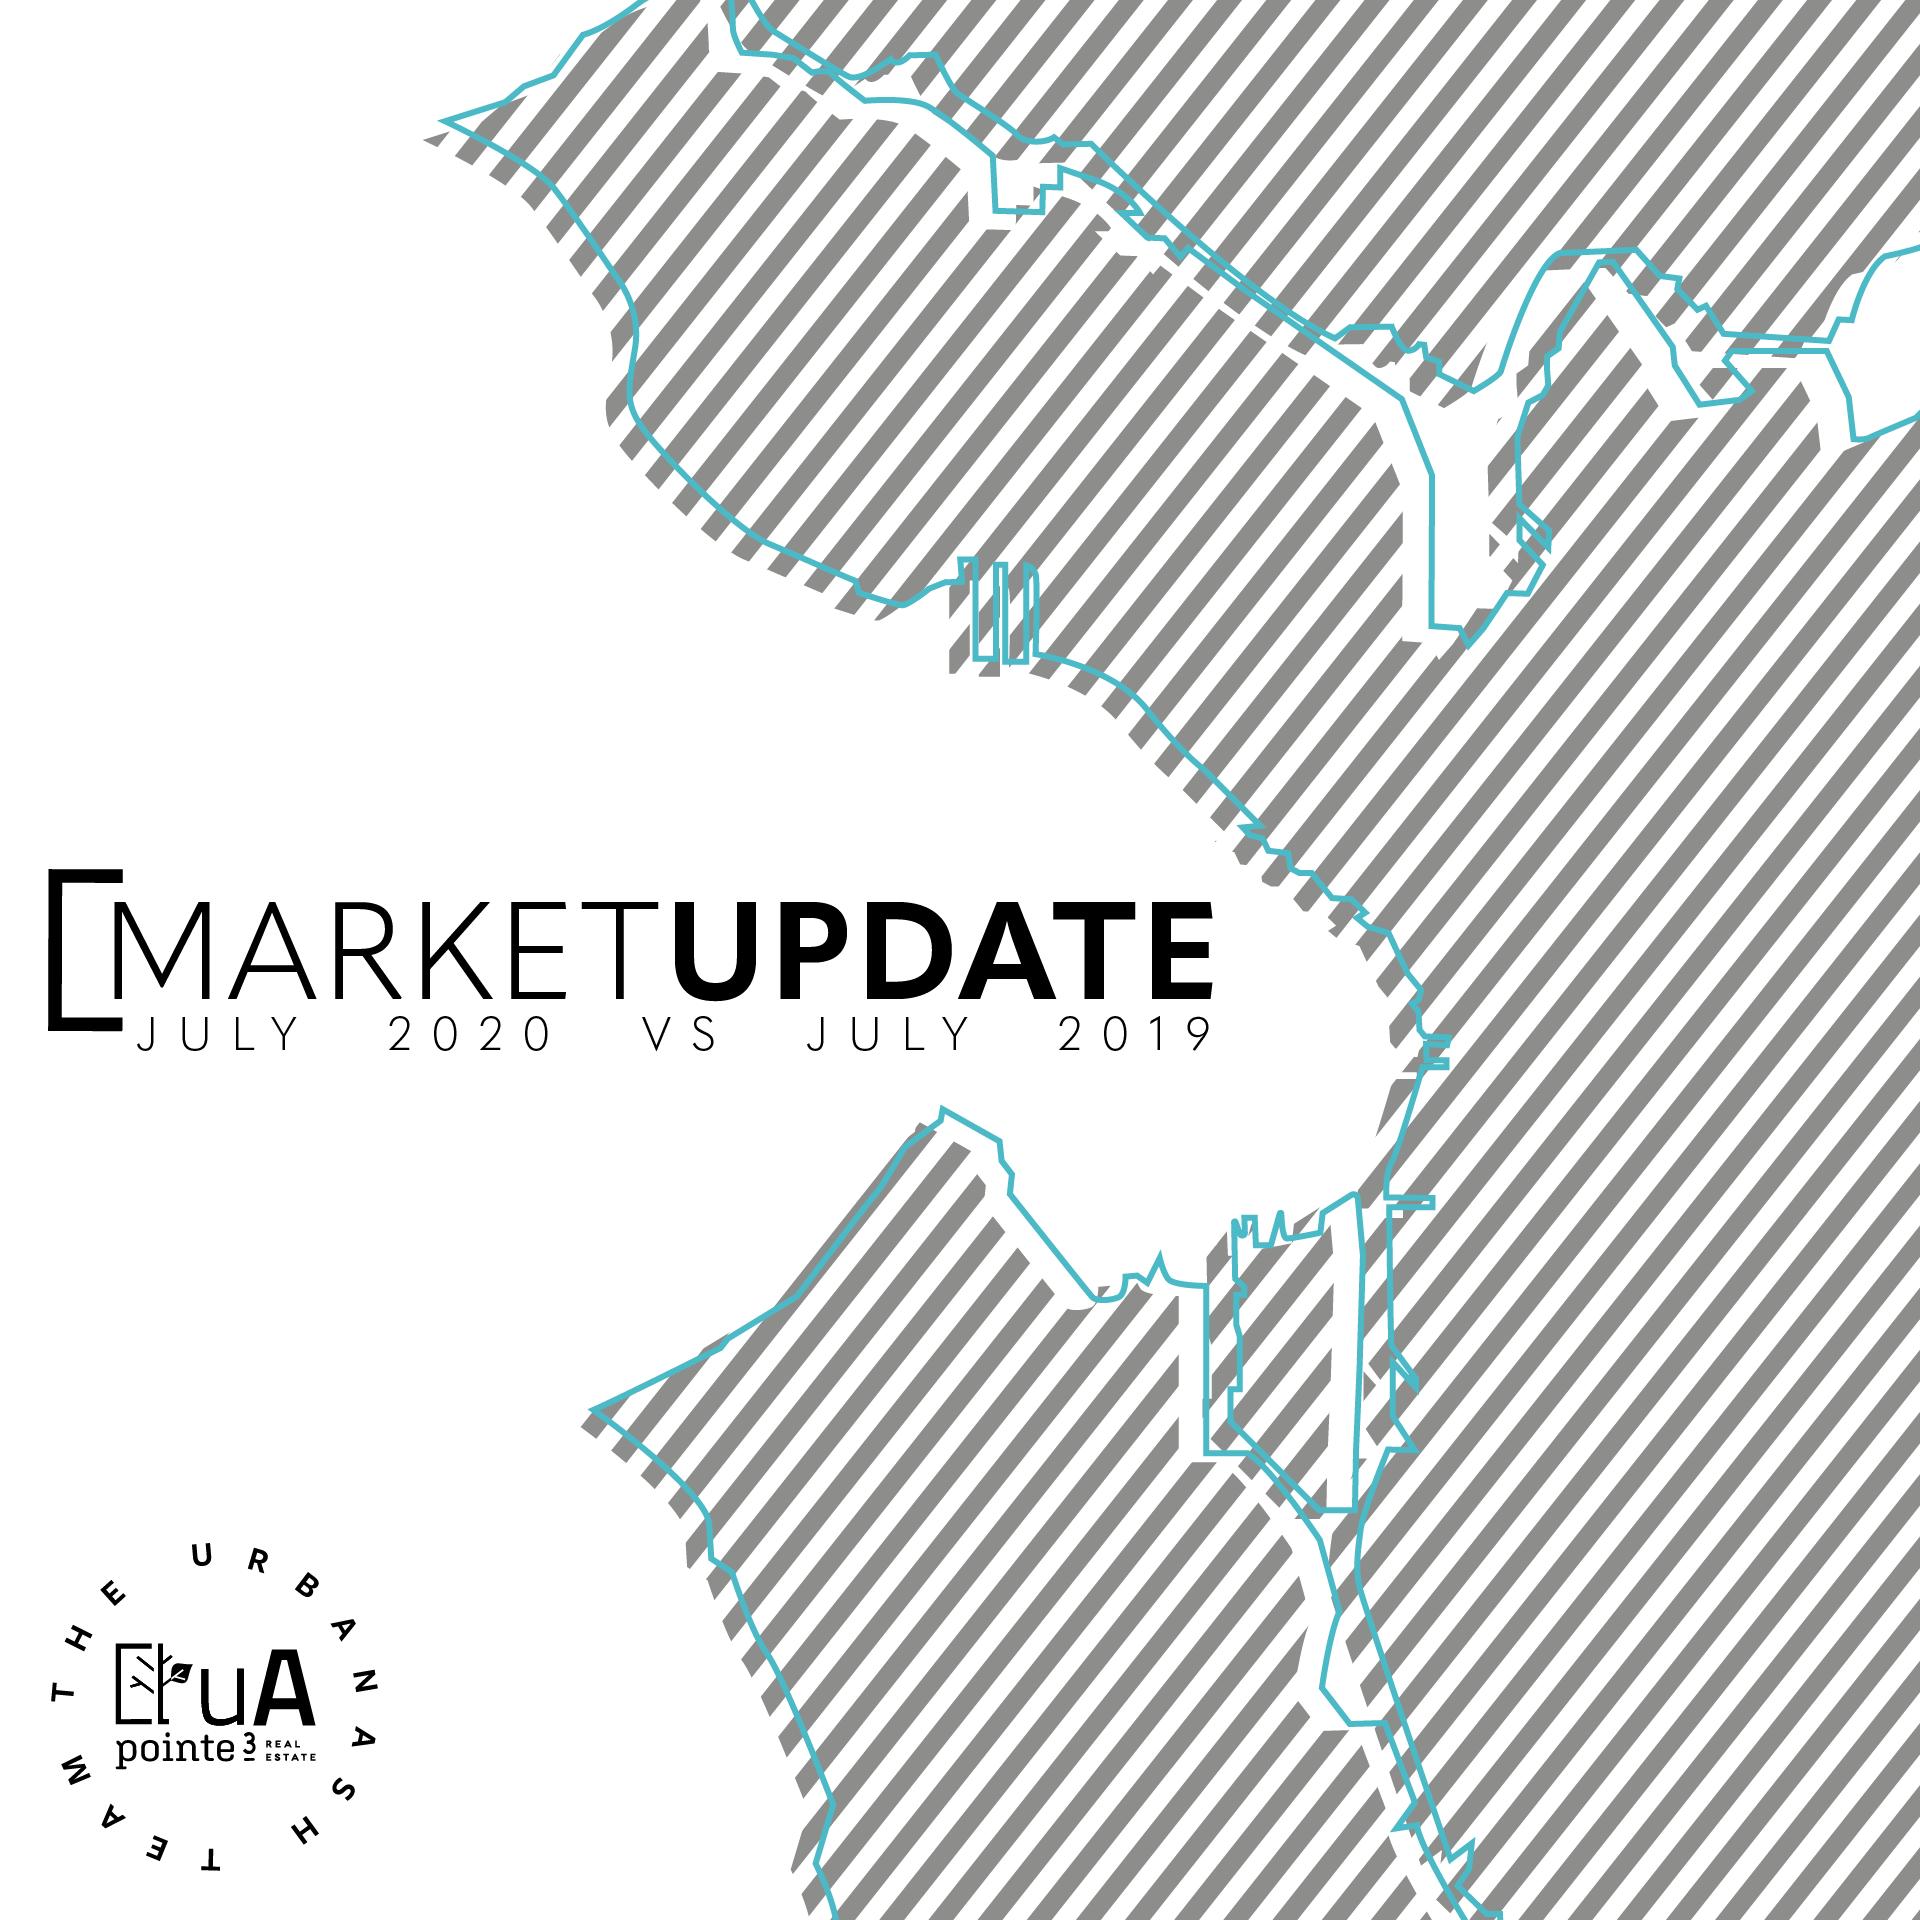 NWMLS Market Update- July 2020